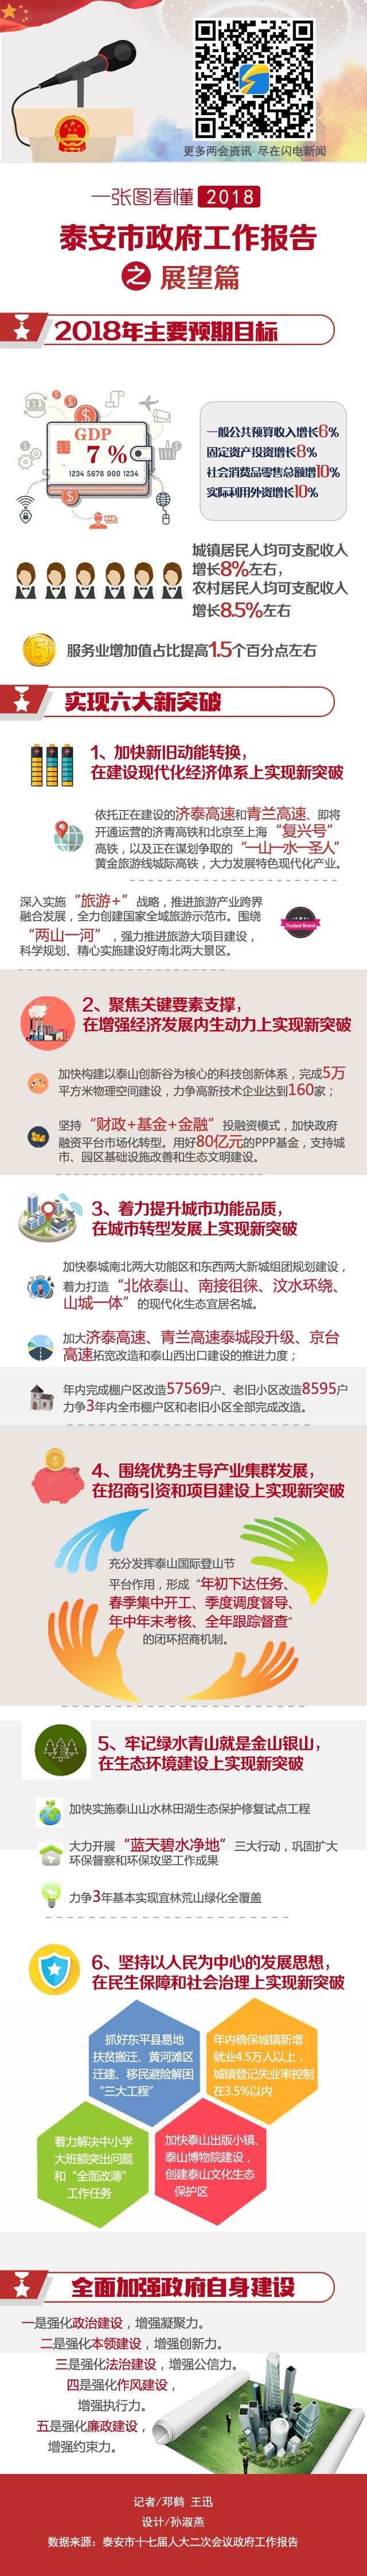 政府工作报告zhanwang.jpg